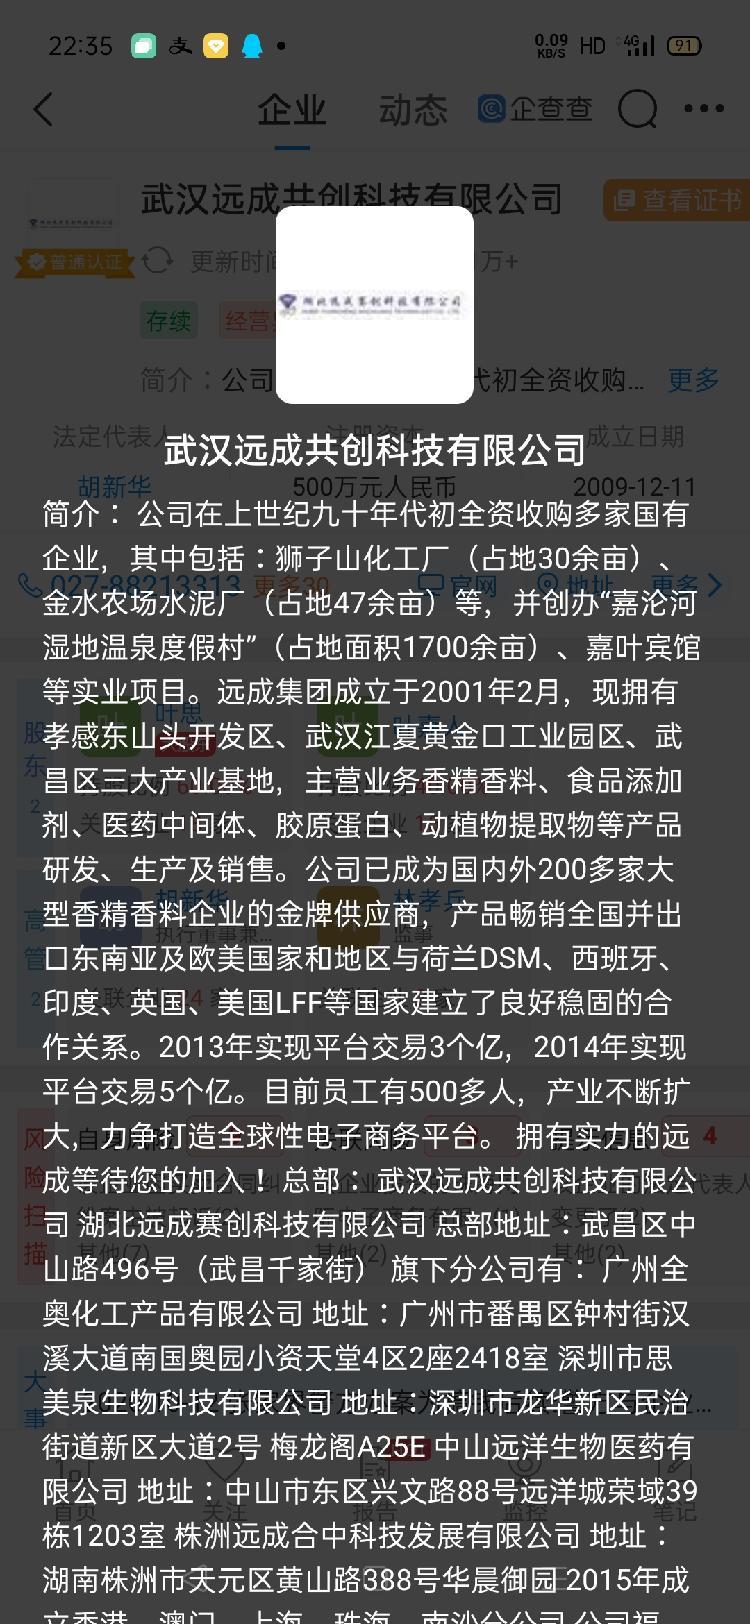 武汉远成公司介绍